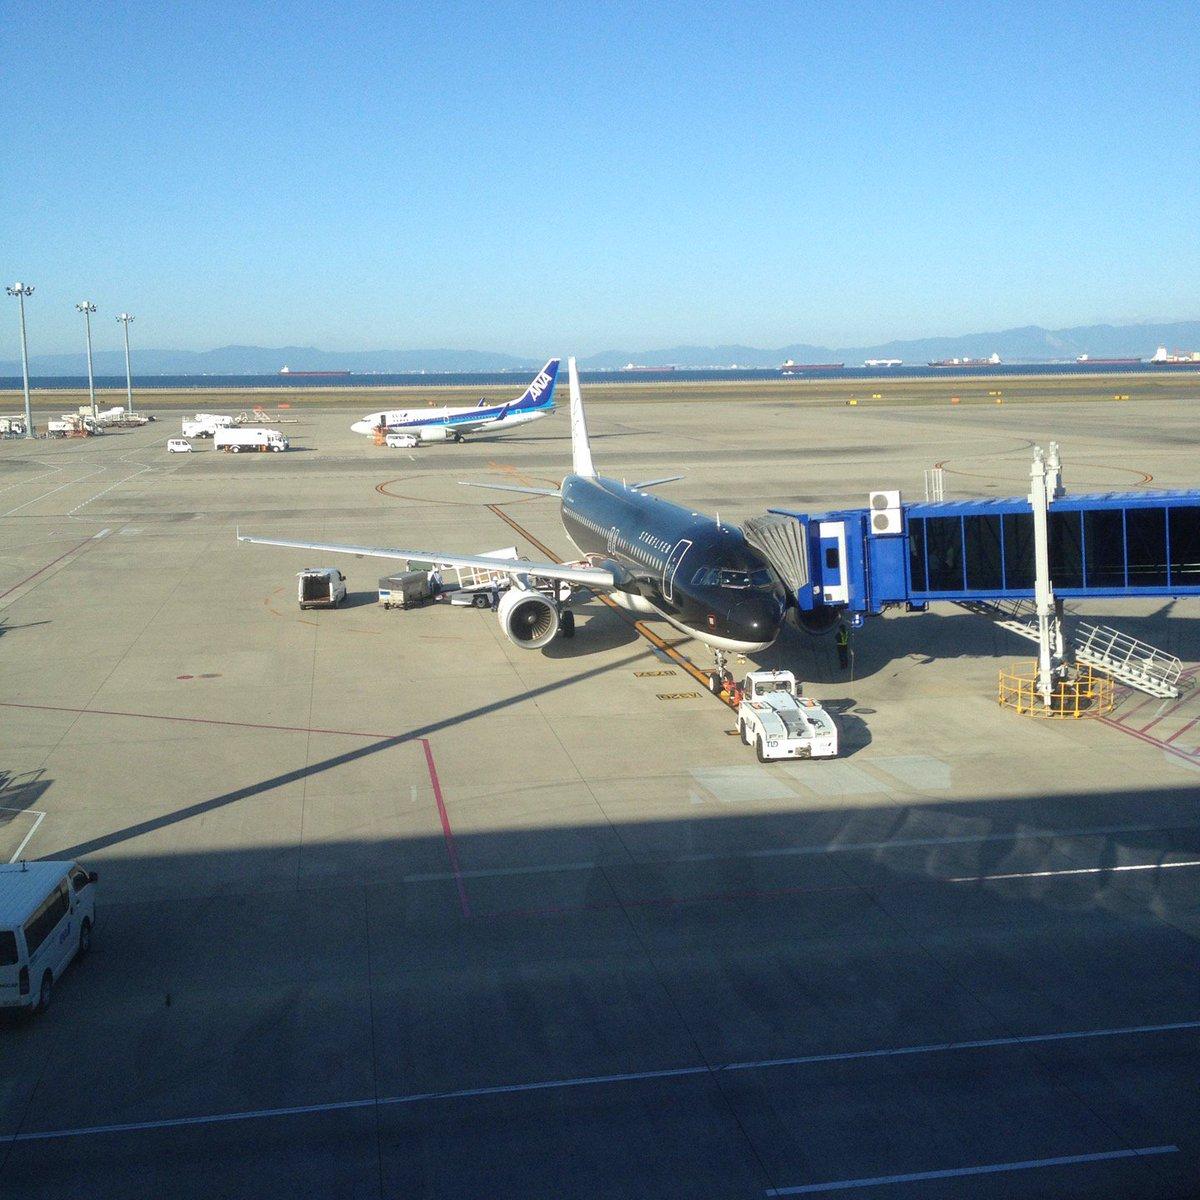 セントレア(中部国際空港)スターフライヤー ANA3831